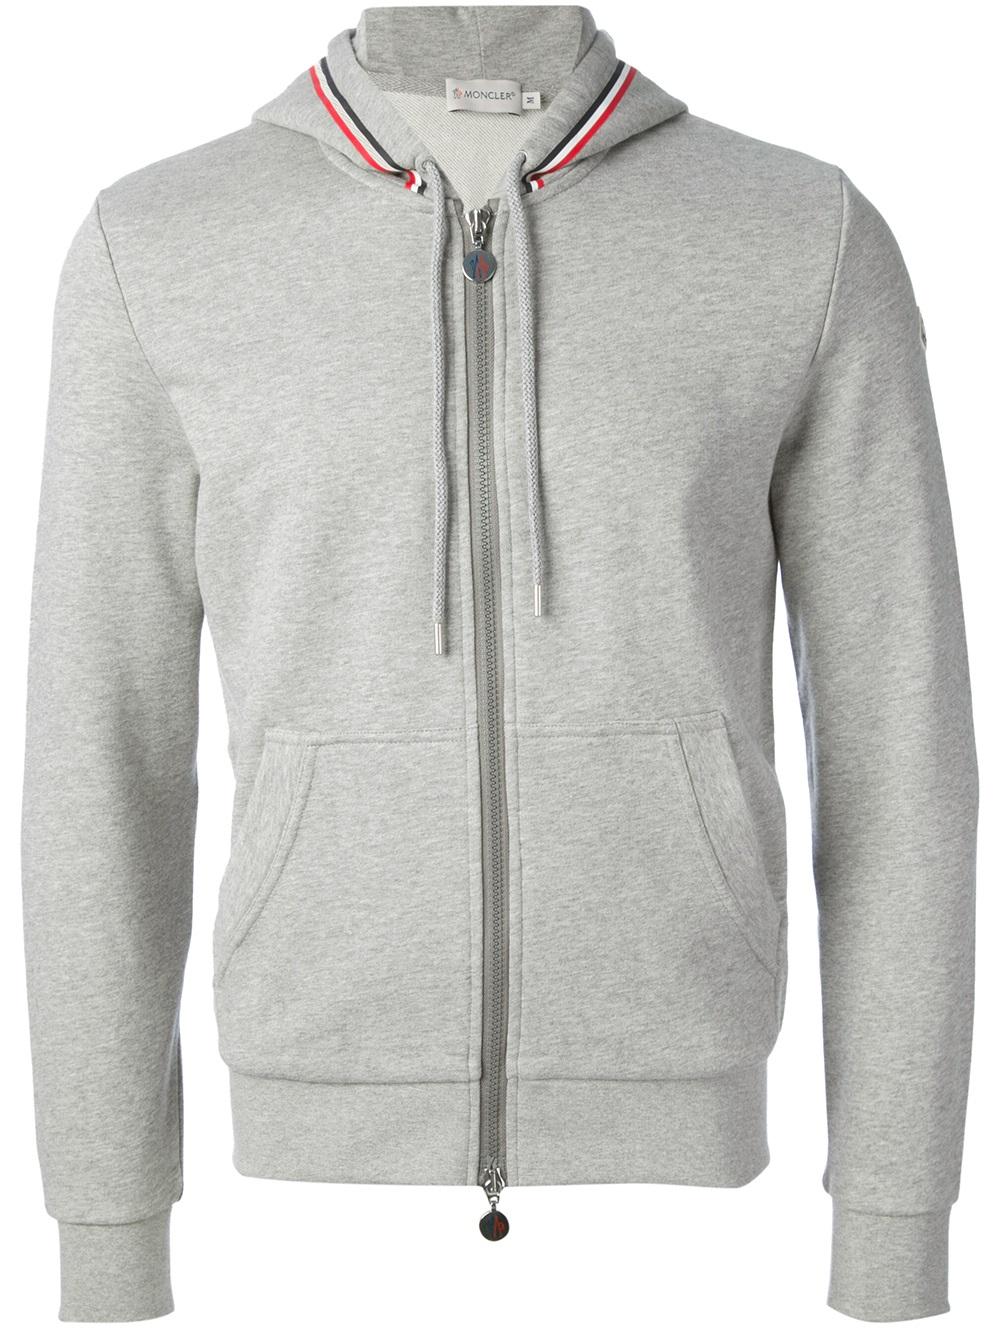 moncler grey zip up